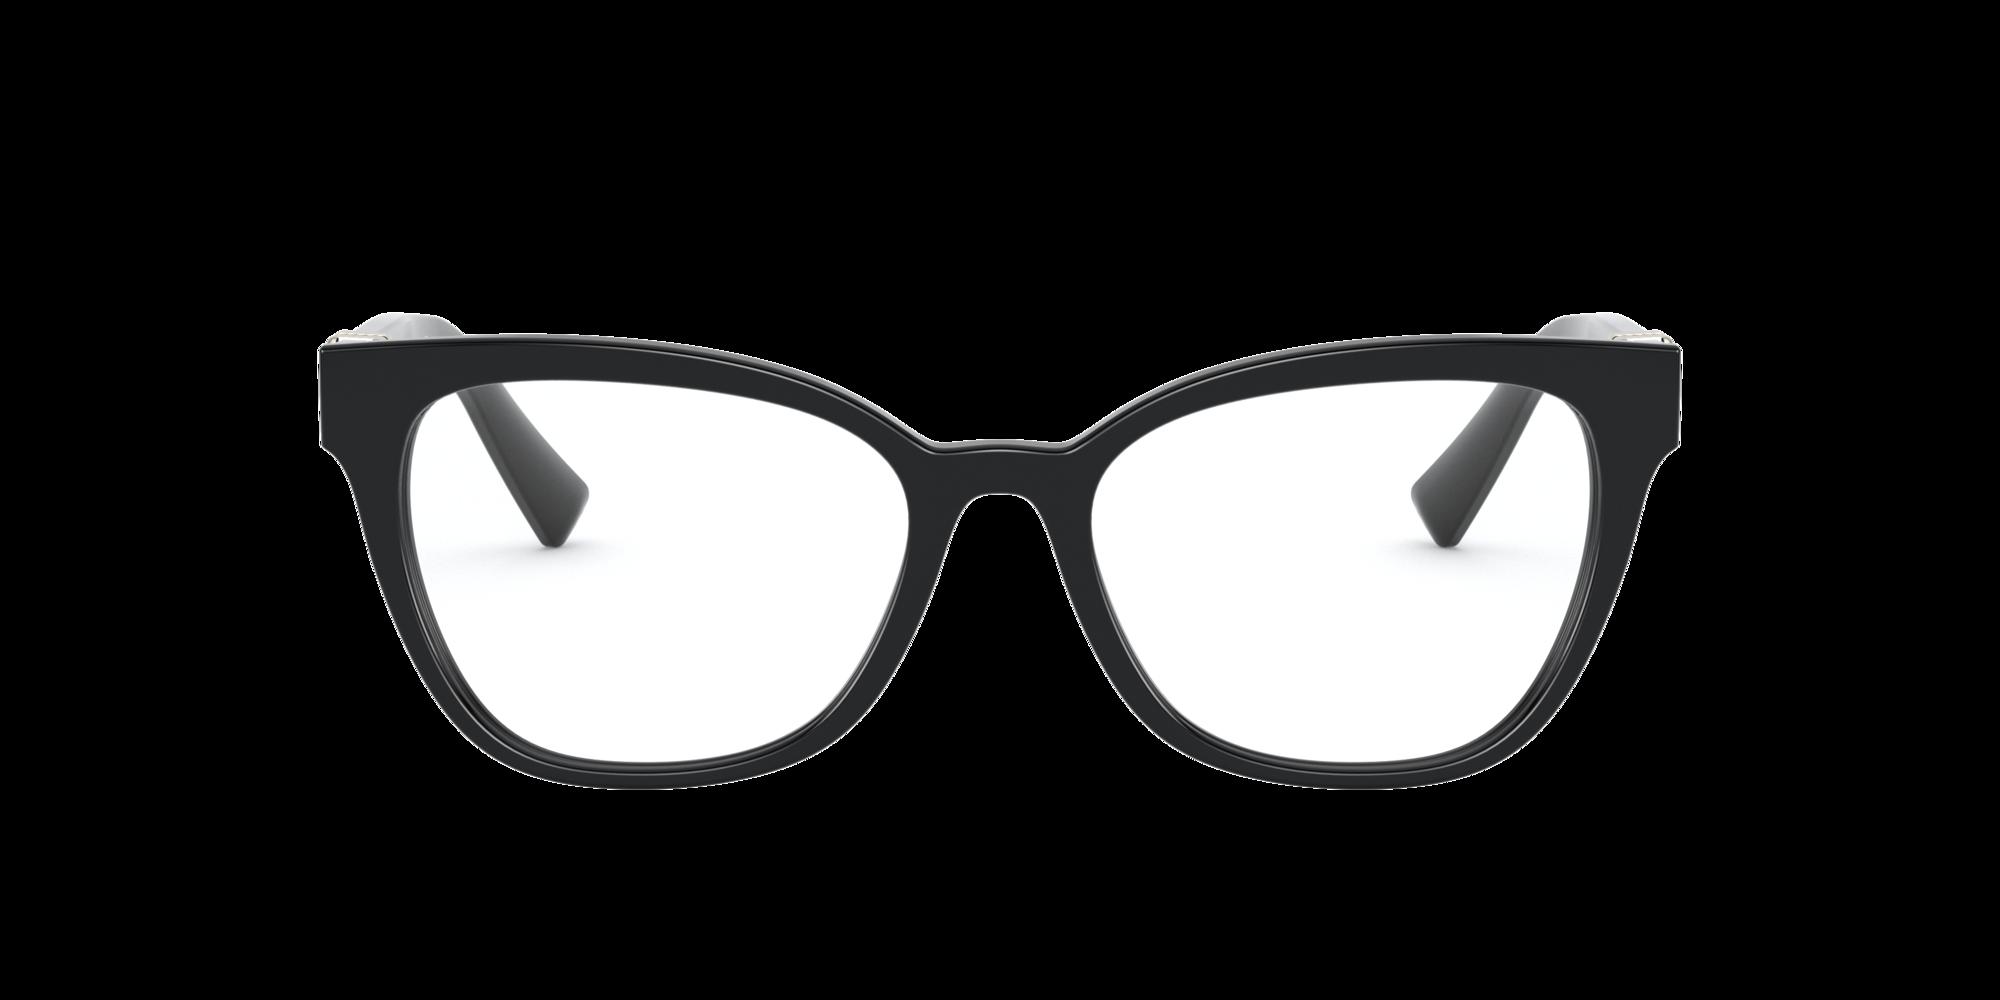 Imagen para VA3049 de LensCrafters |  Espejuelos, espejuelos graduados en línea, gafas